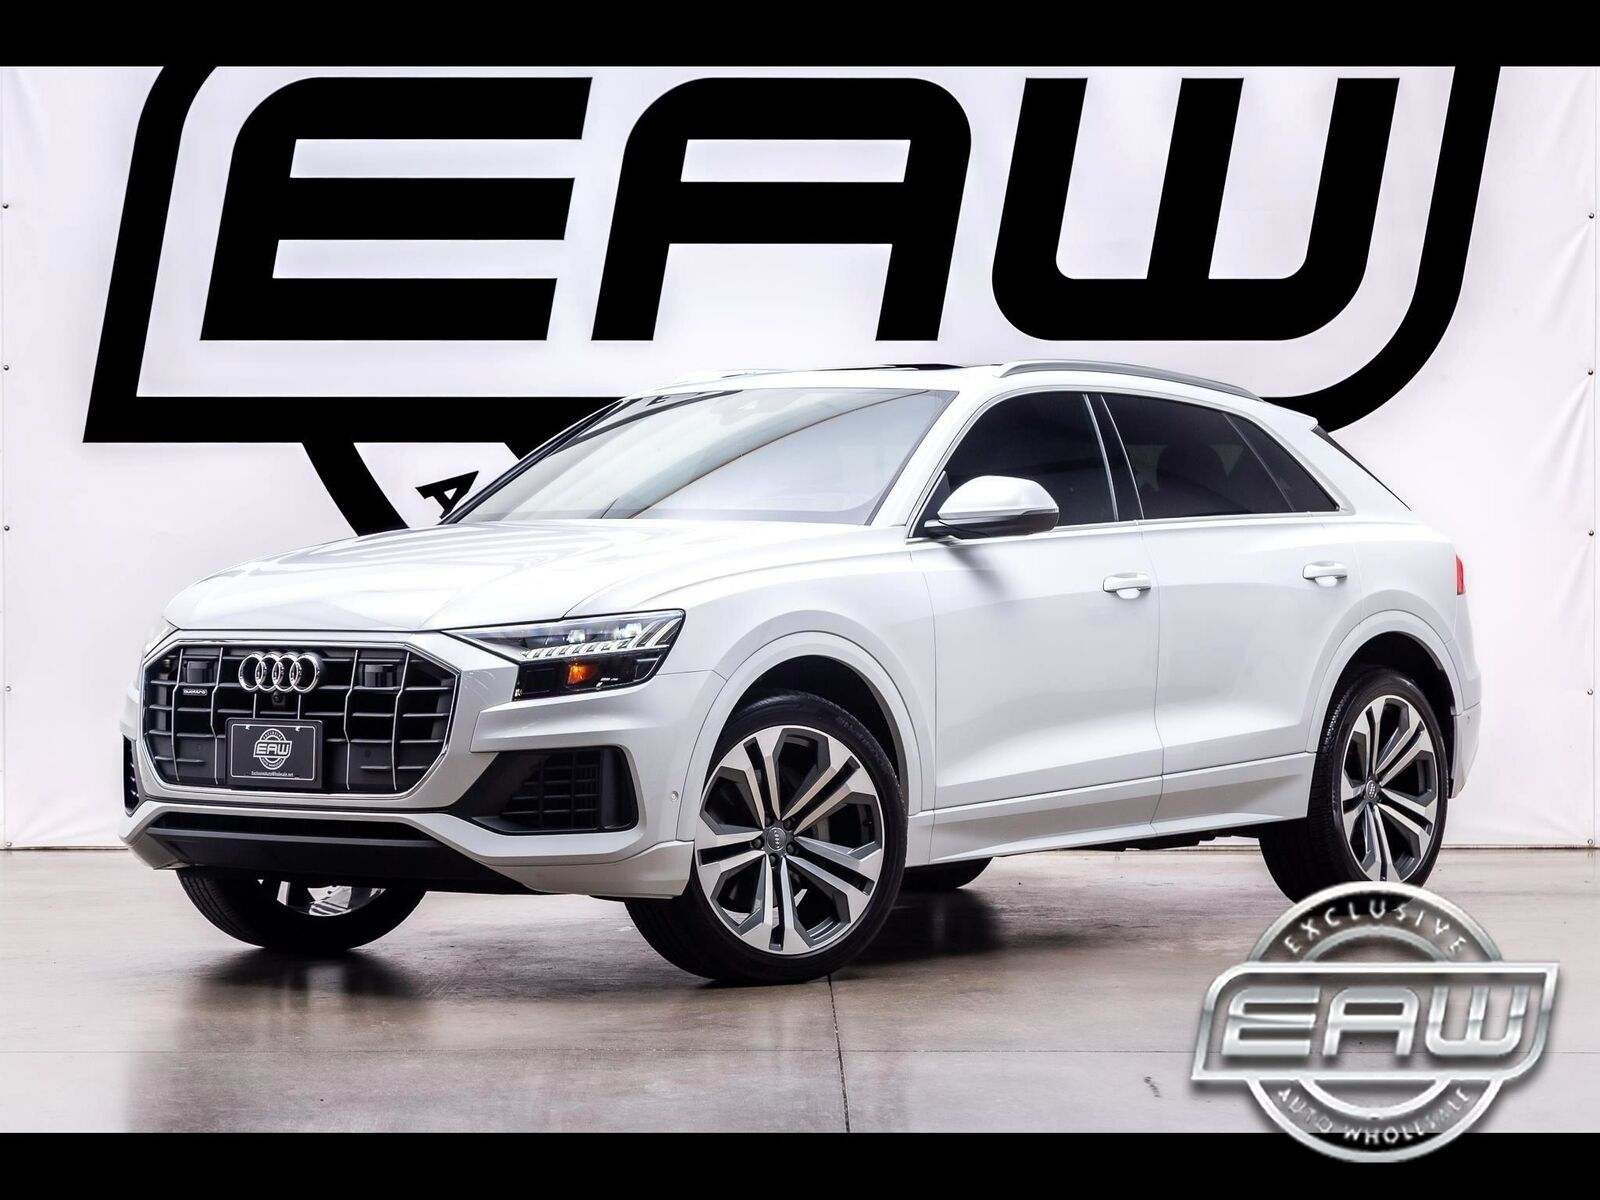 2019 Audi Q8 PRESTIGE 15135 Miles White SUV 3.0L V6 TURBO Automatic